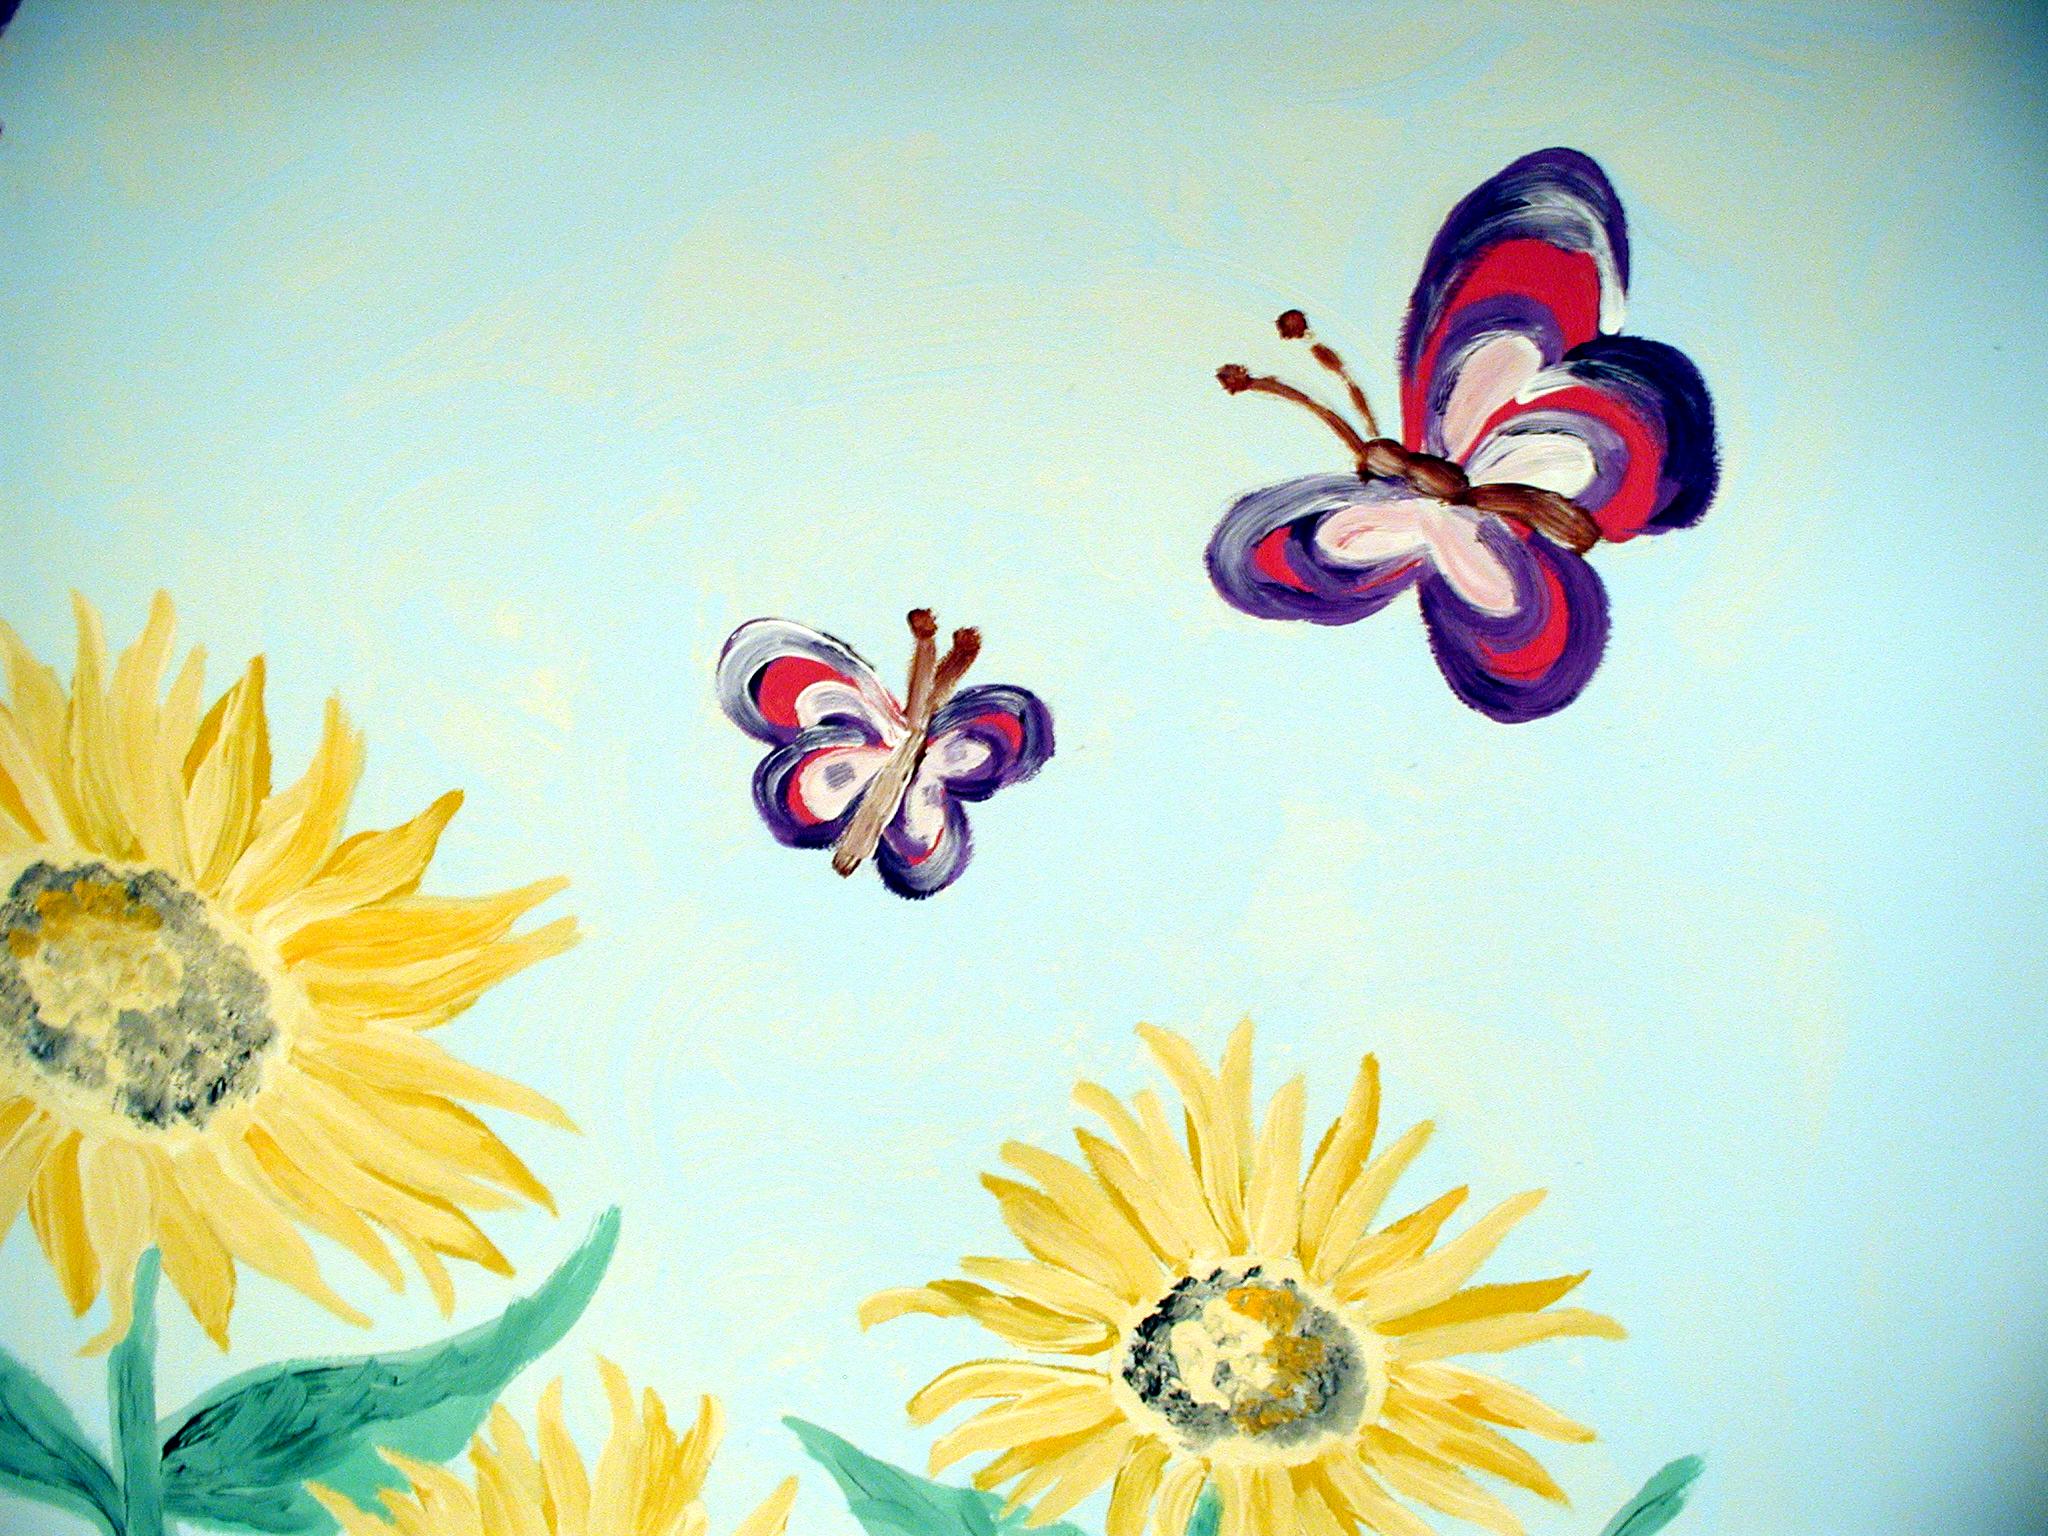 butterflysunflowerdetail.jpg